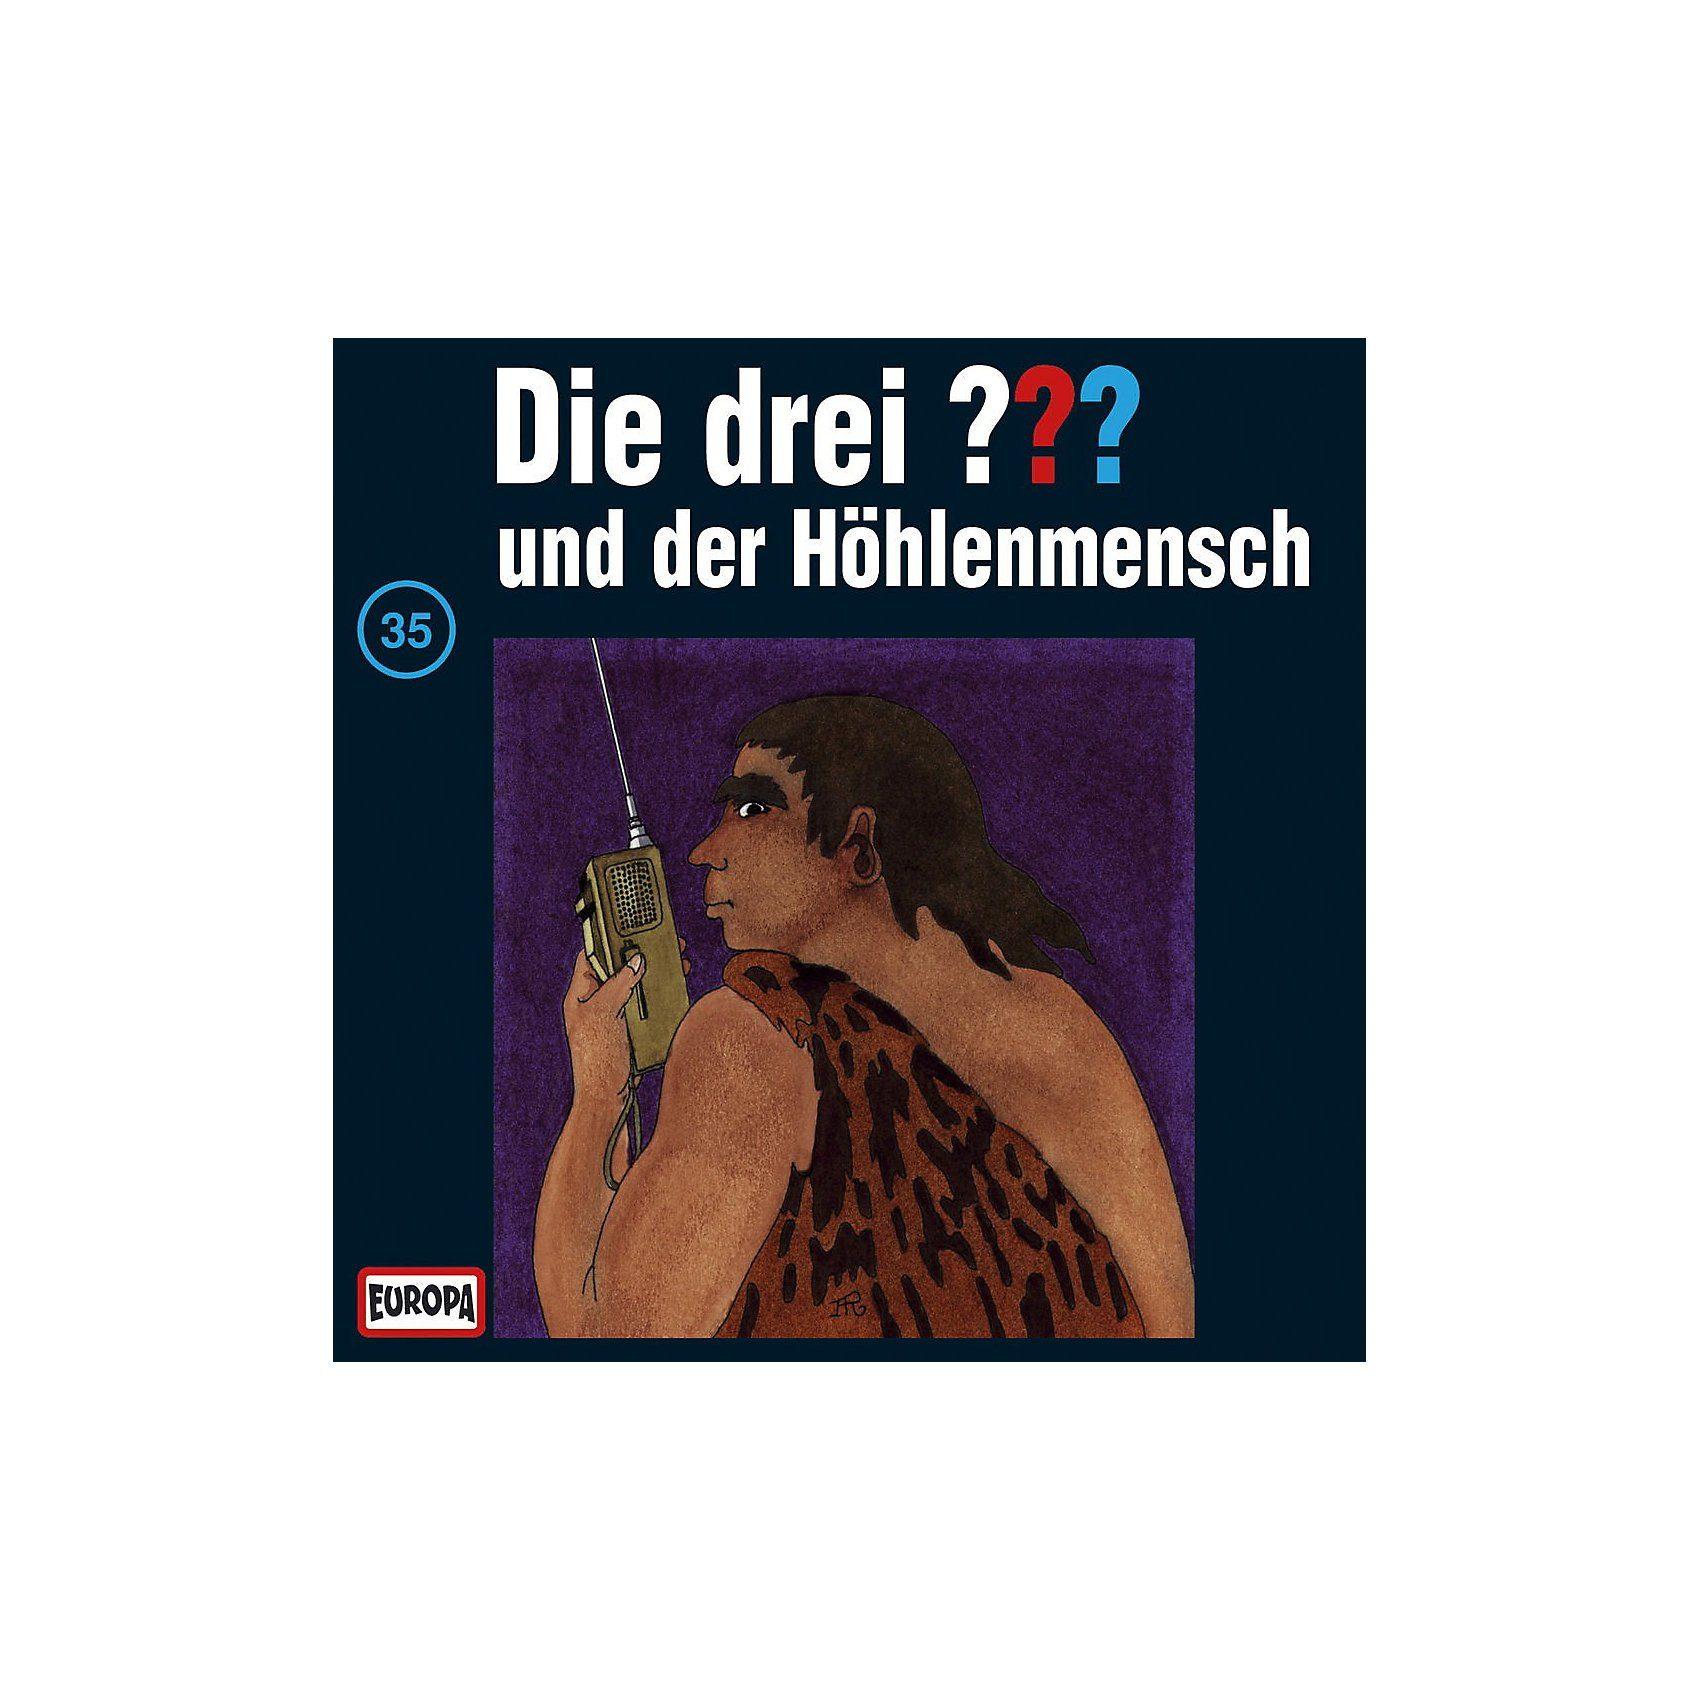 Sony CD Die Drei ??? 035/und der Höhlenmensch